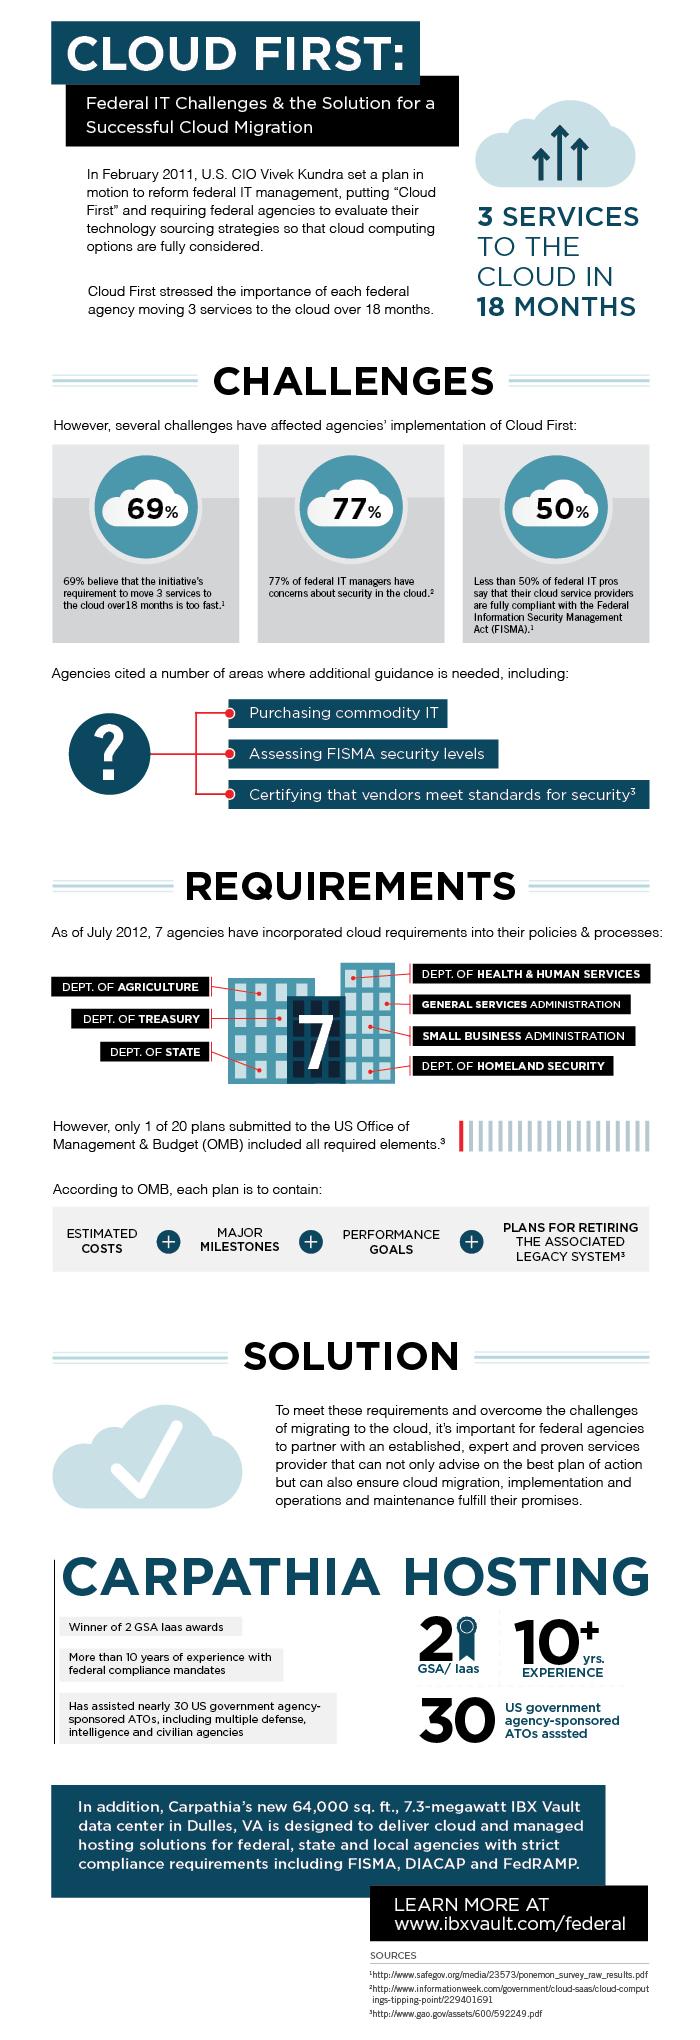 cloud-first-federal-it-challenges_504e50af52af7